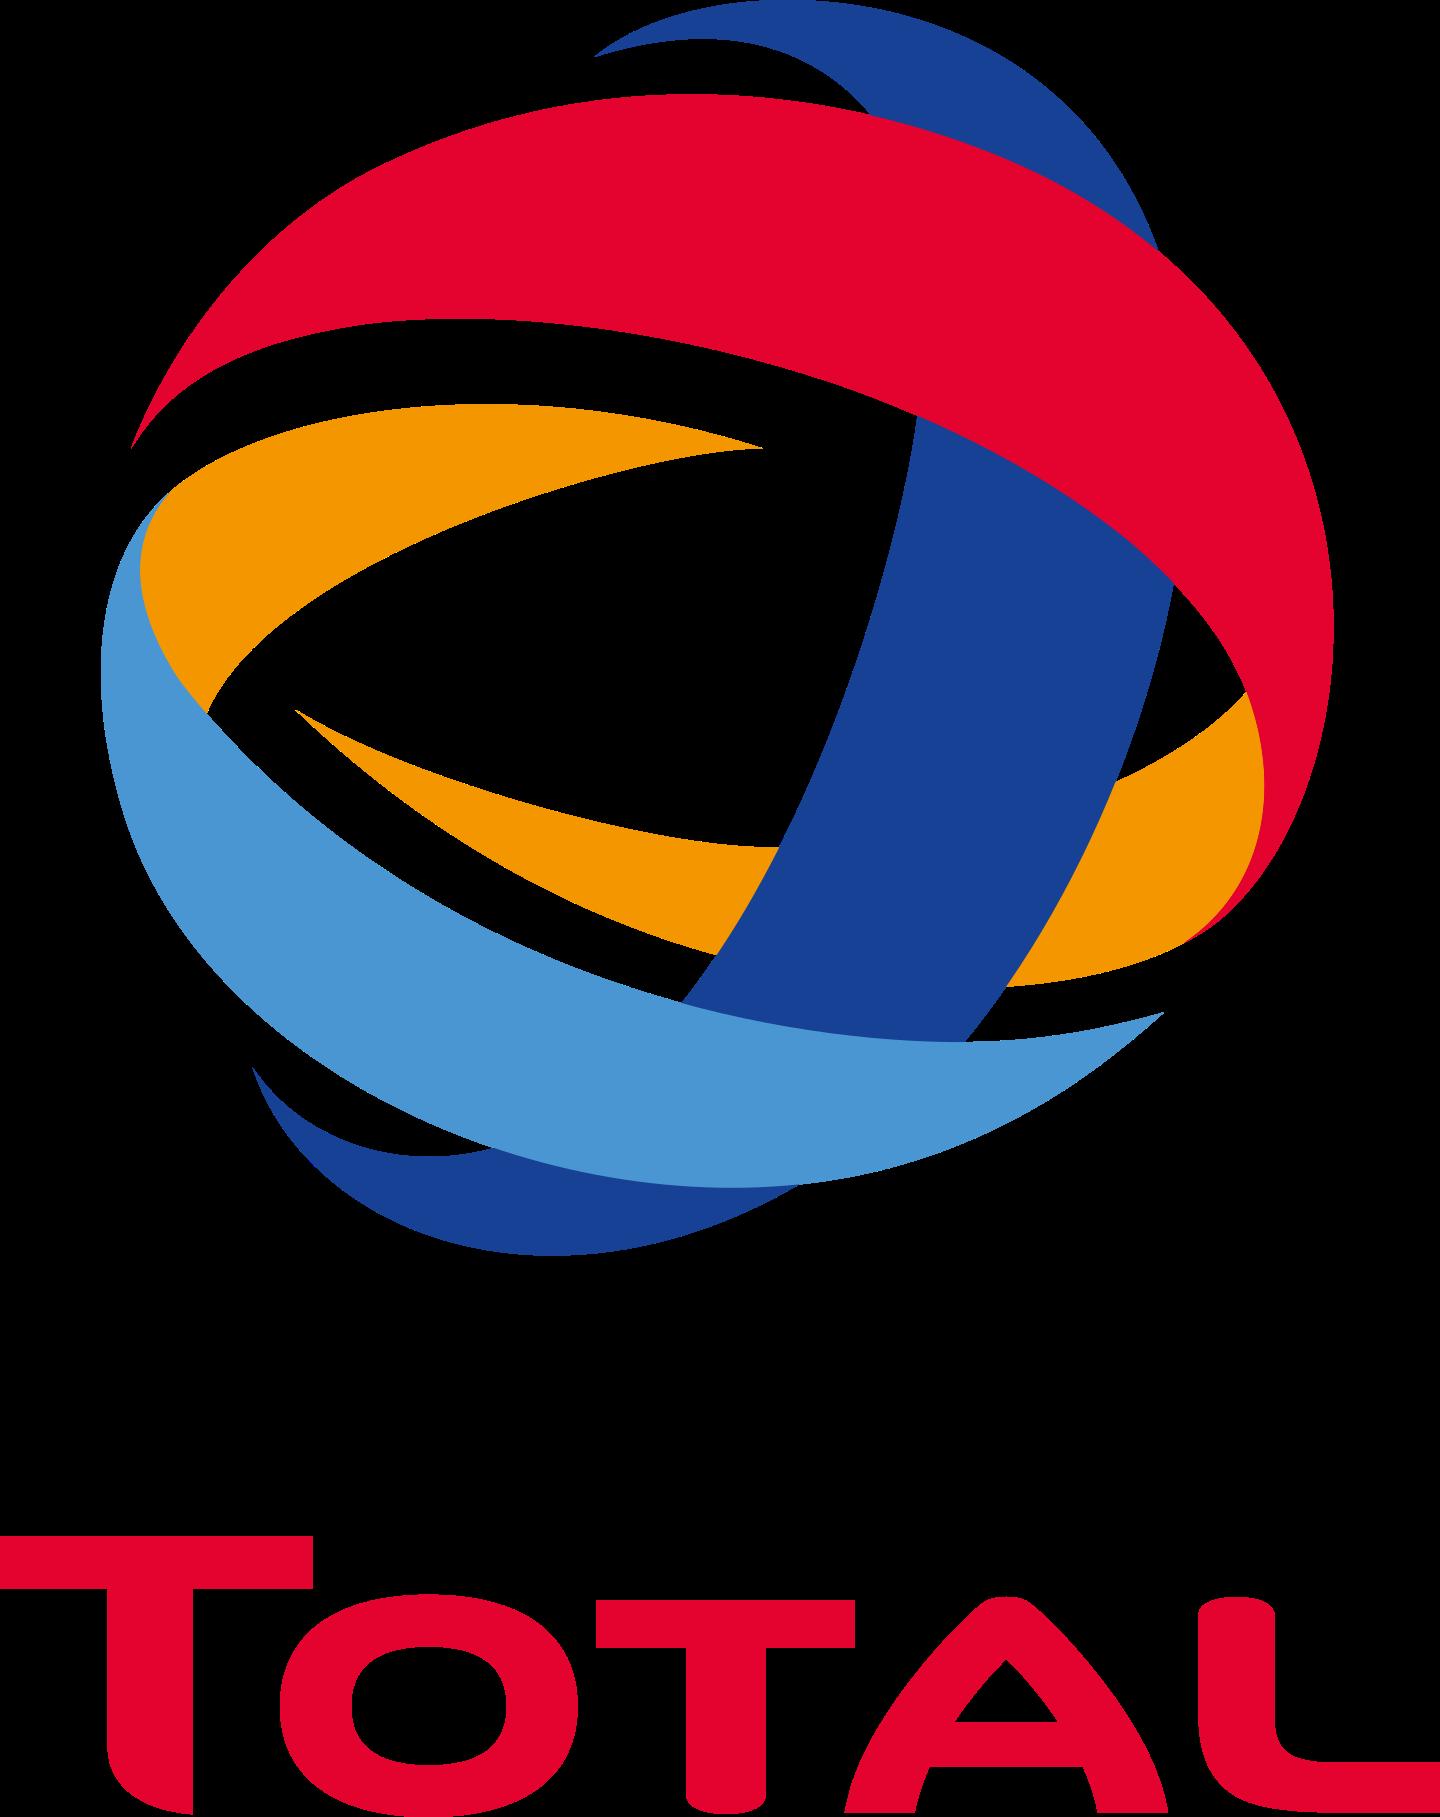 total logo 3 - Total Logo (Energia)